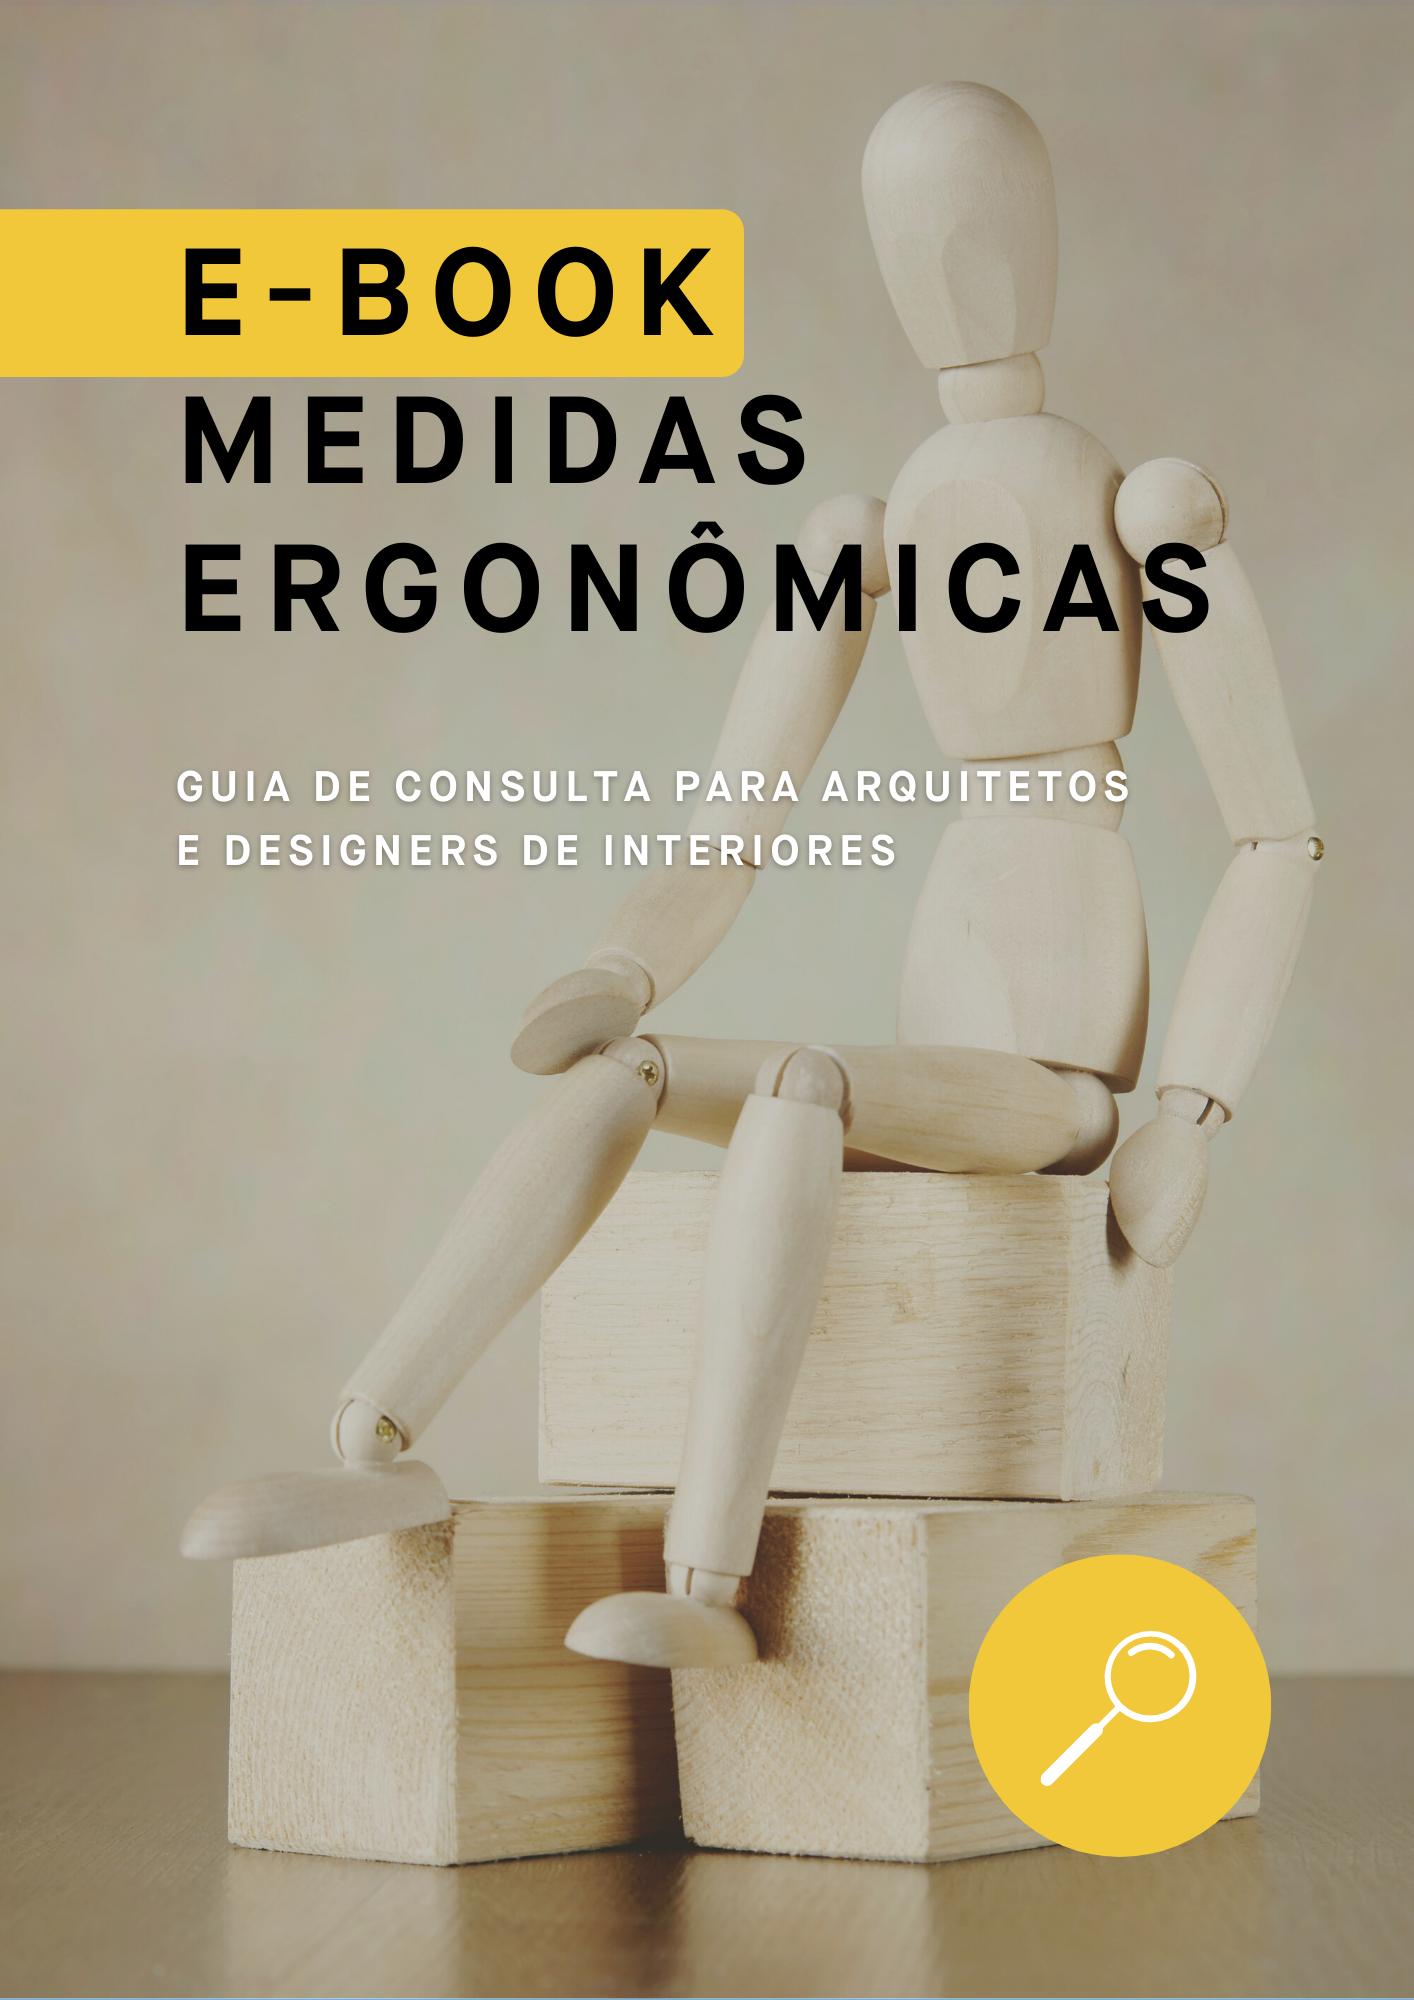 Guia de Ergonomia para Arquitetura